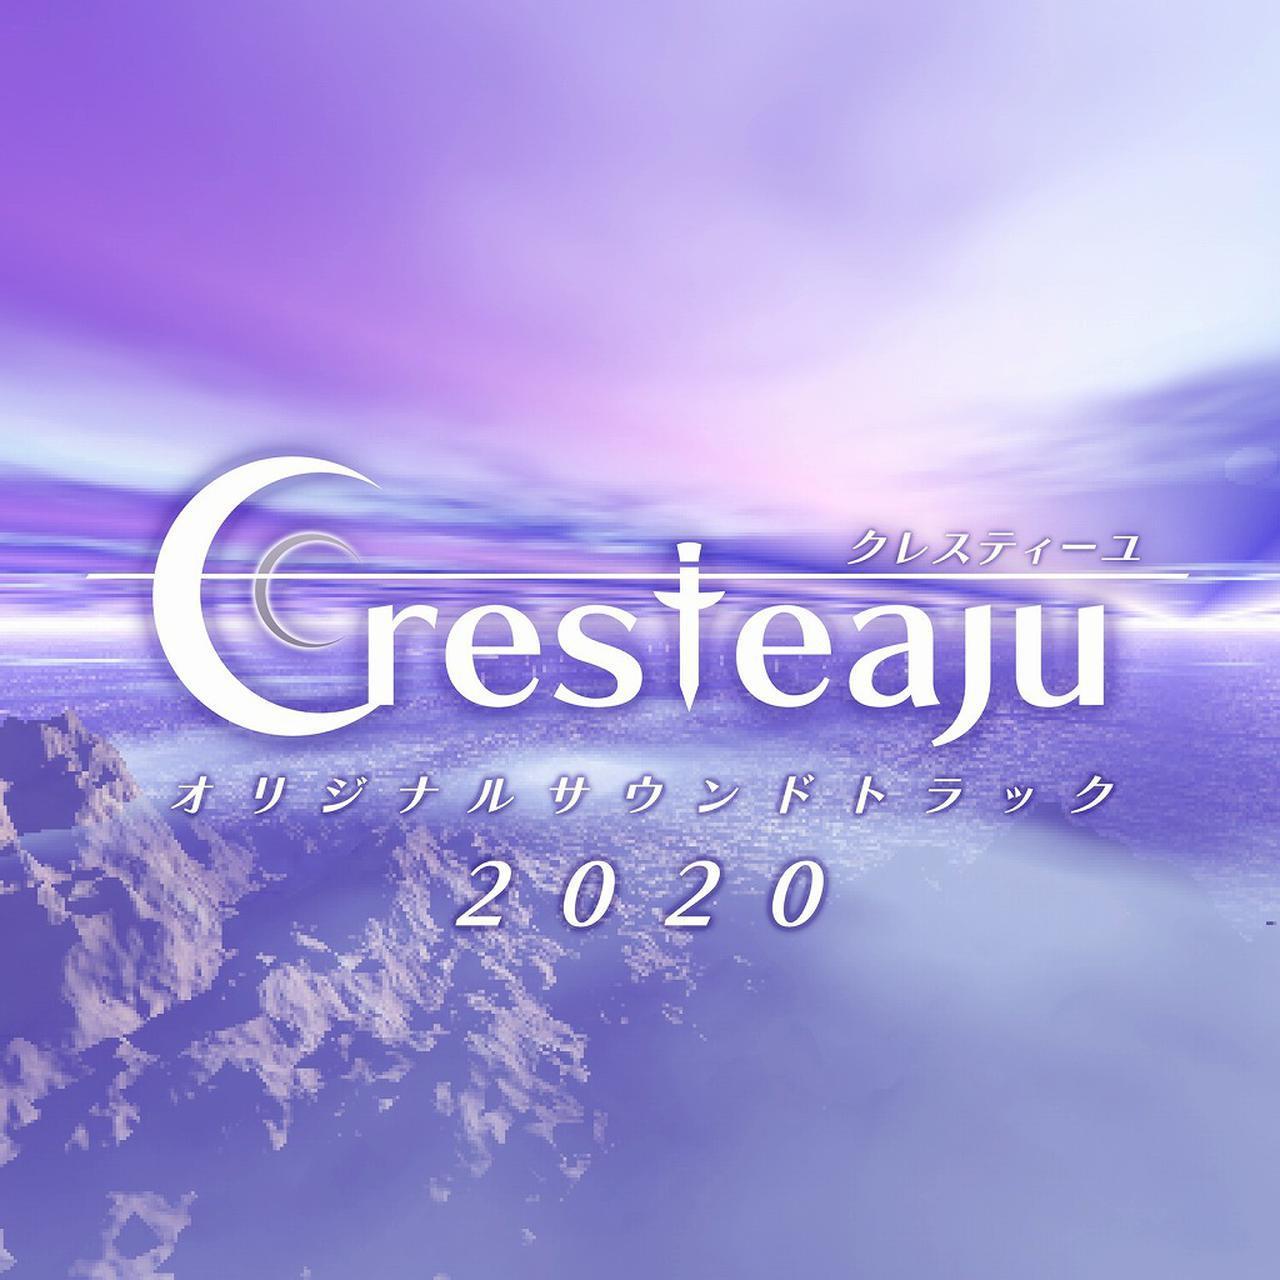 画像: Cresteaju オリジナルサウンドトラック 2020 / Shou